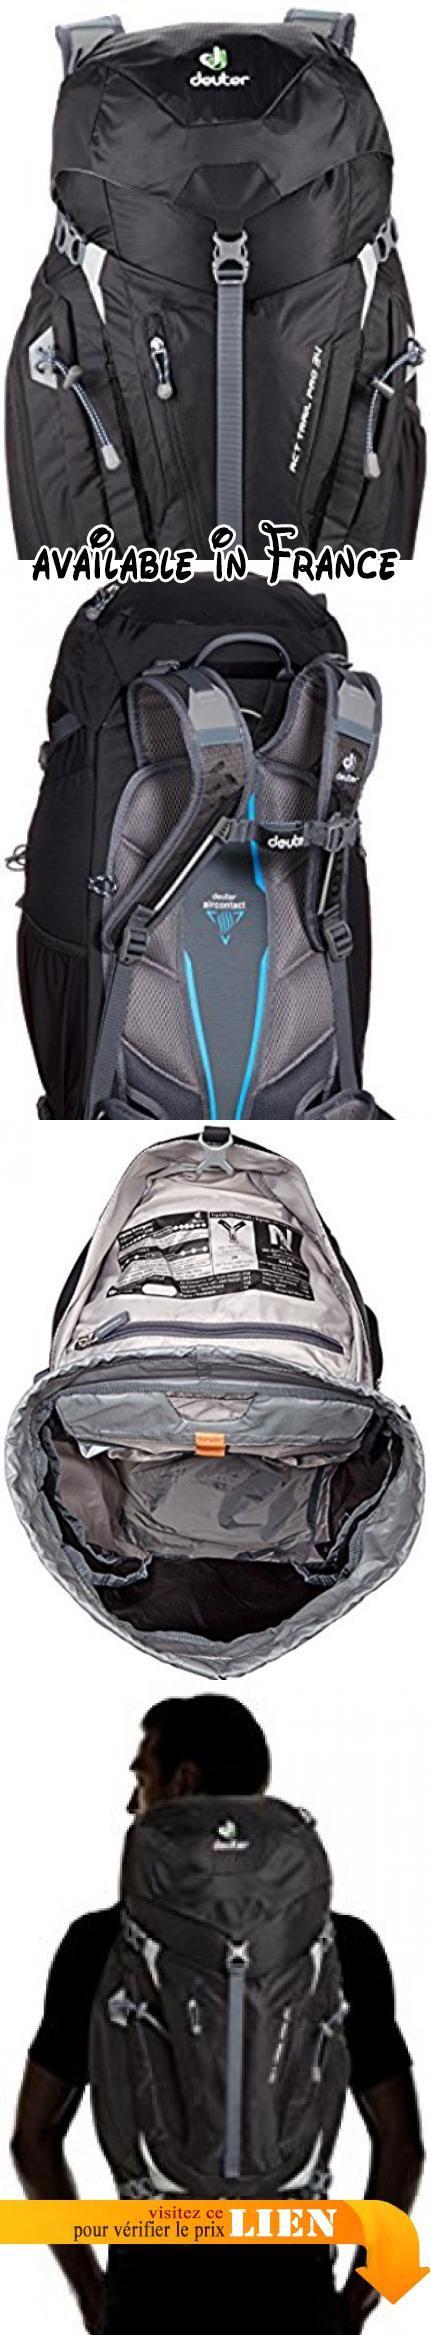 B00RDCLO4O : Deuter Act Trail Pro Sac à dos Noir 34 L. Matériel : 65 % Polyamide 35 % Polyester. Taille : 64 x 30 x 24 cm. Poids : 1.57 kg